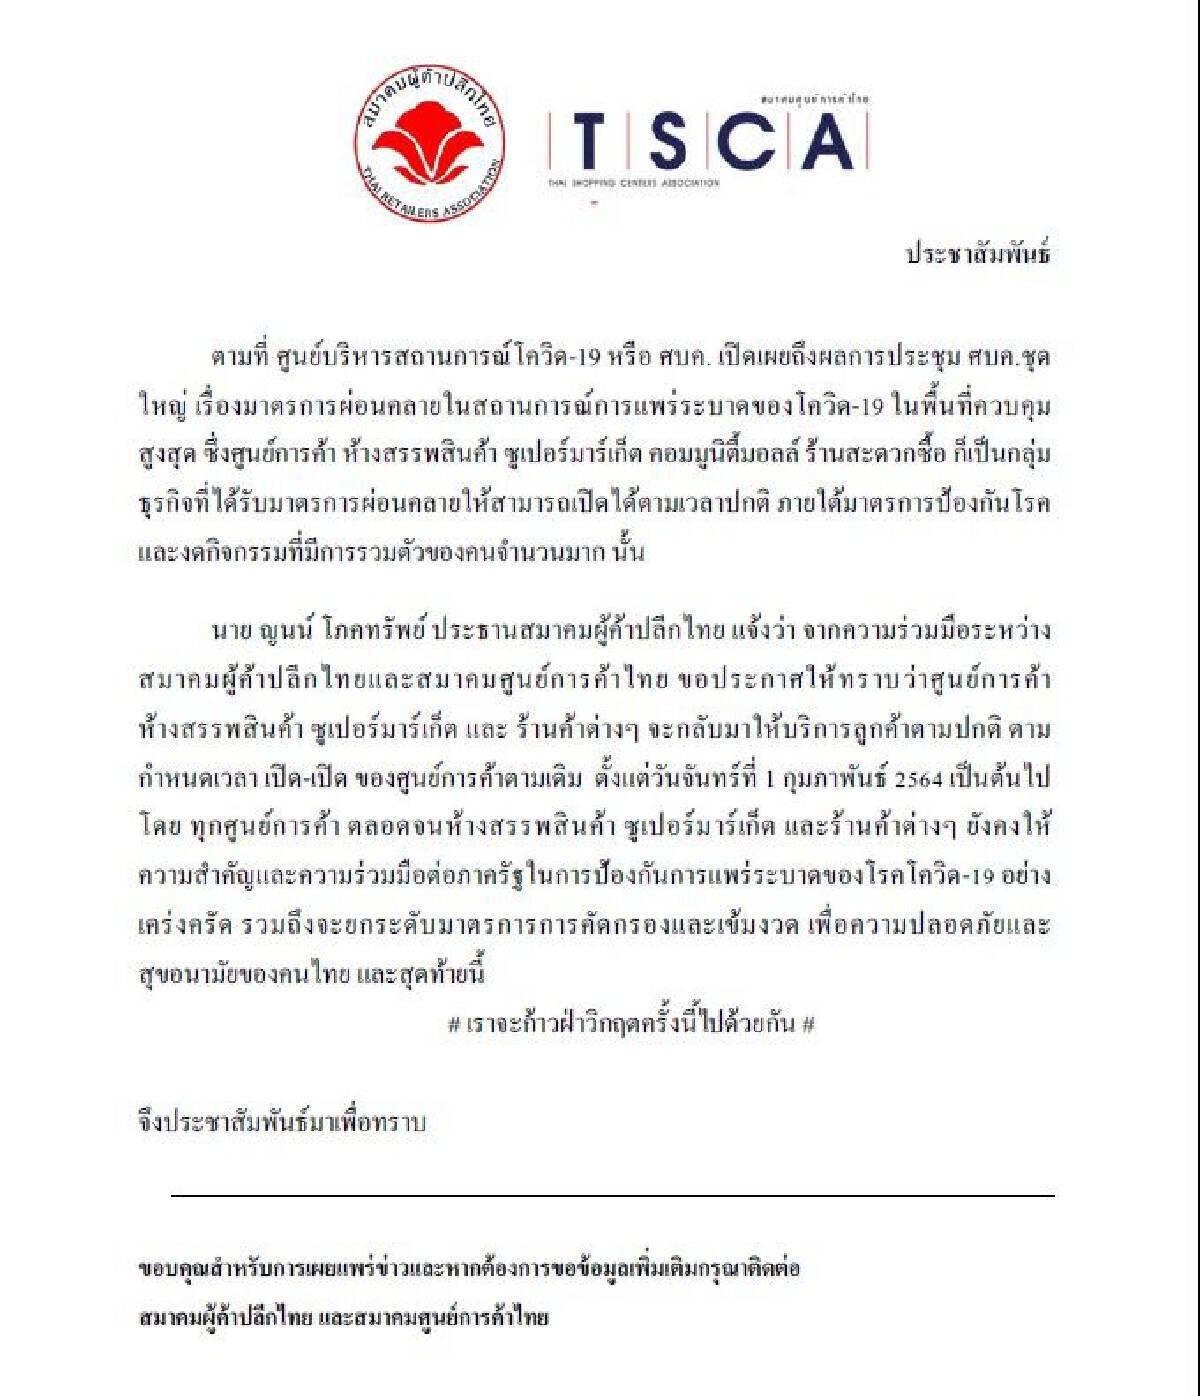 ประกาศสมาคมผู้ค้าปลีกไทย